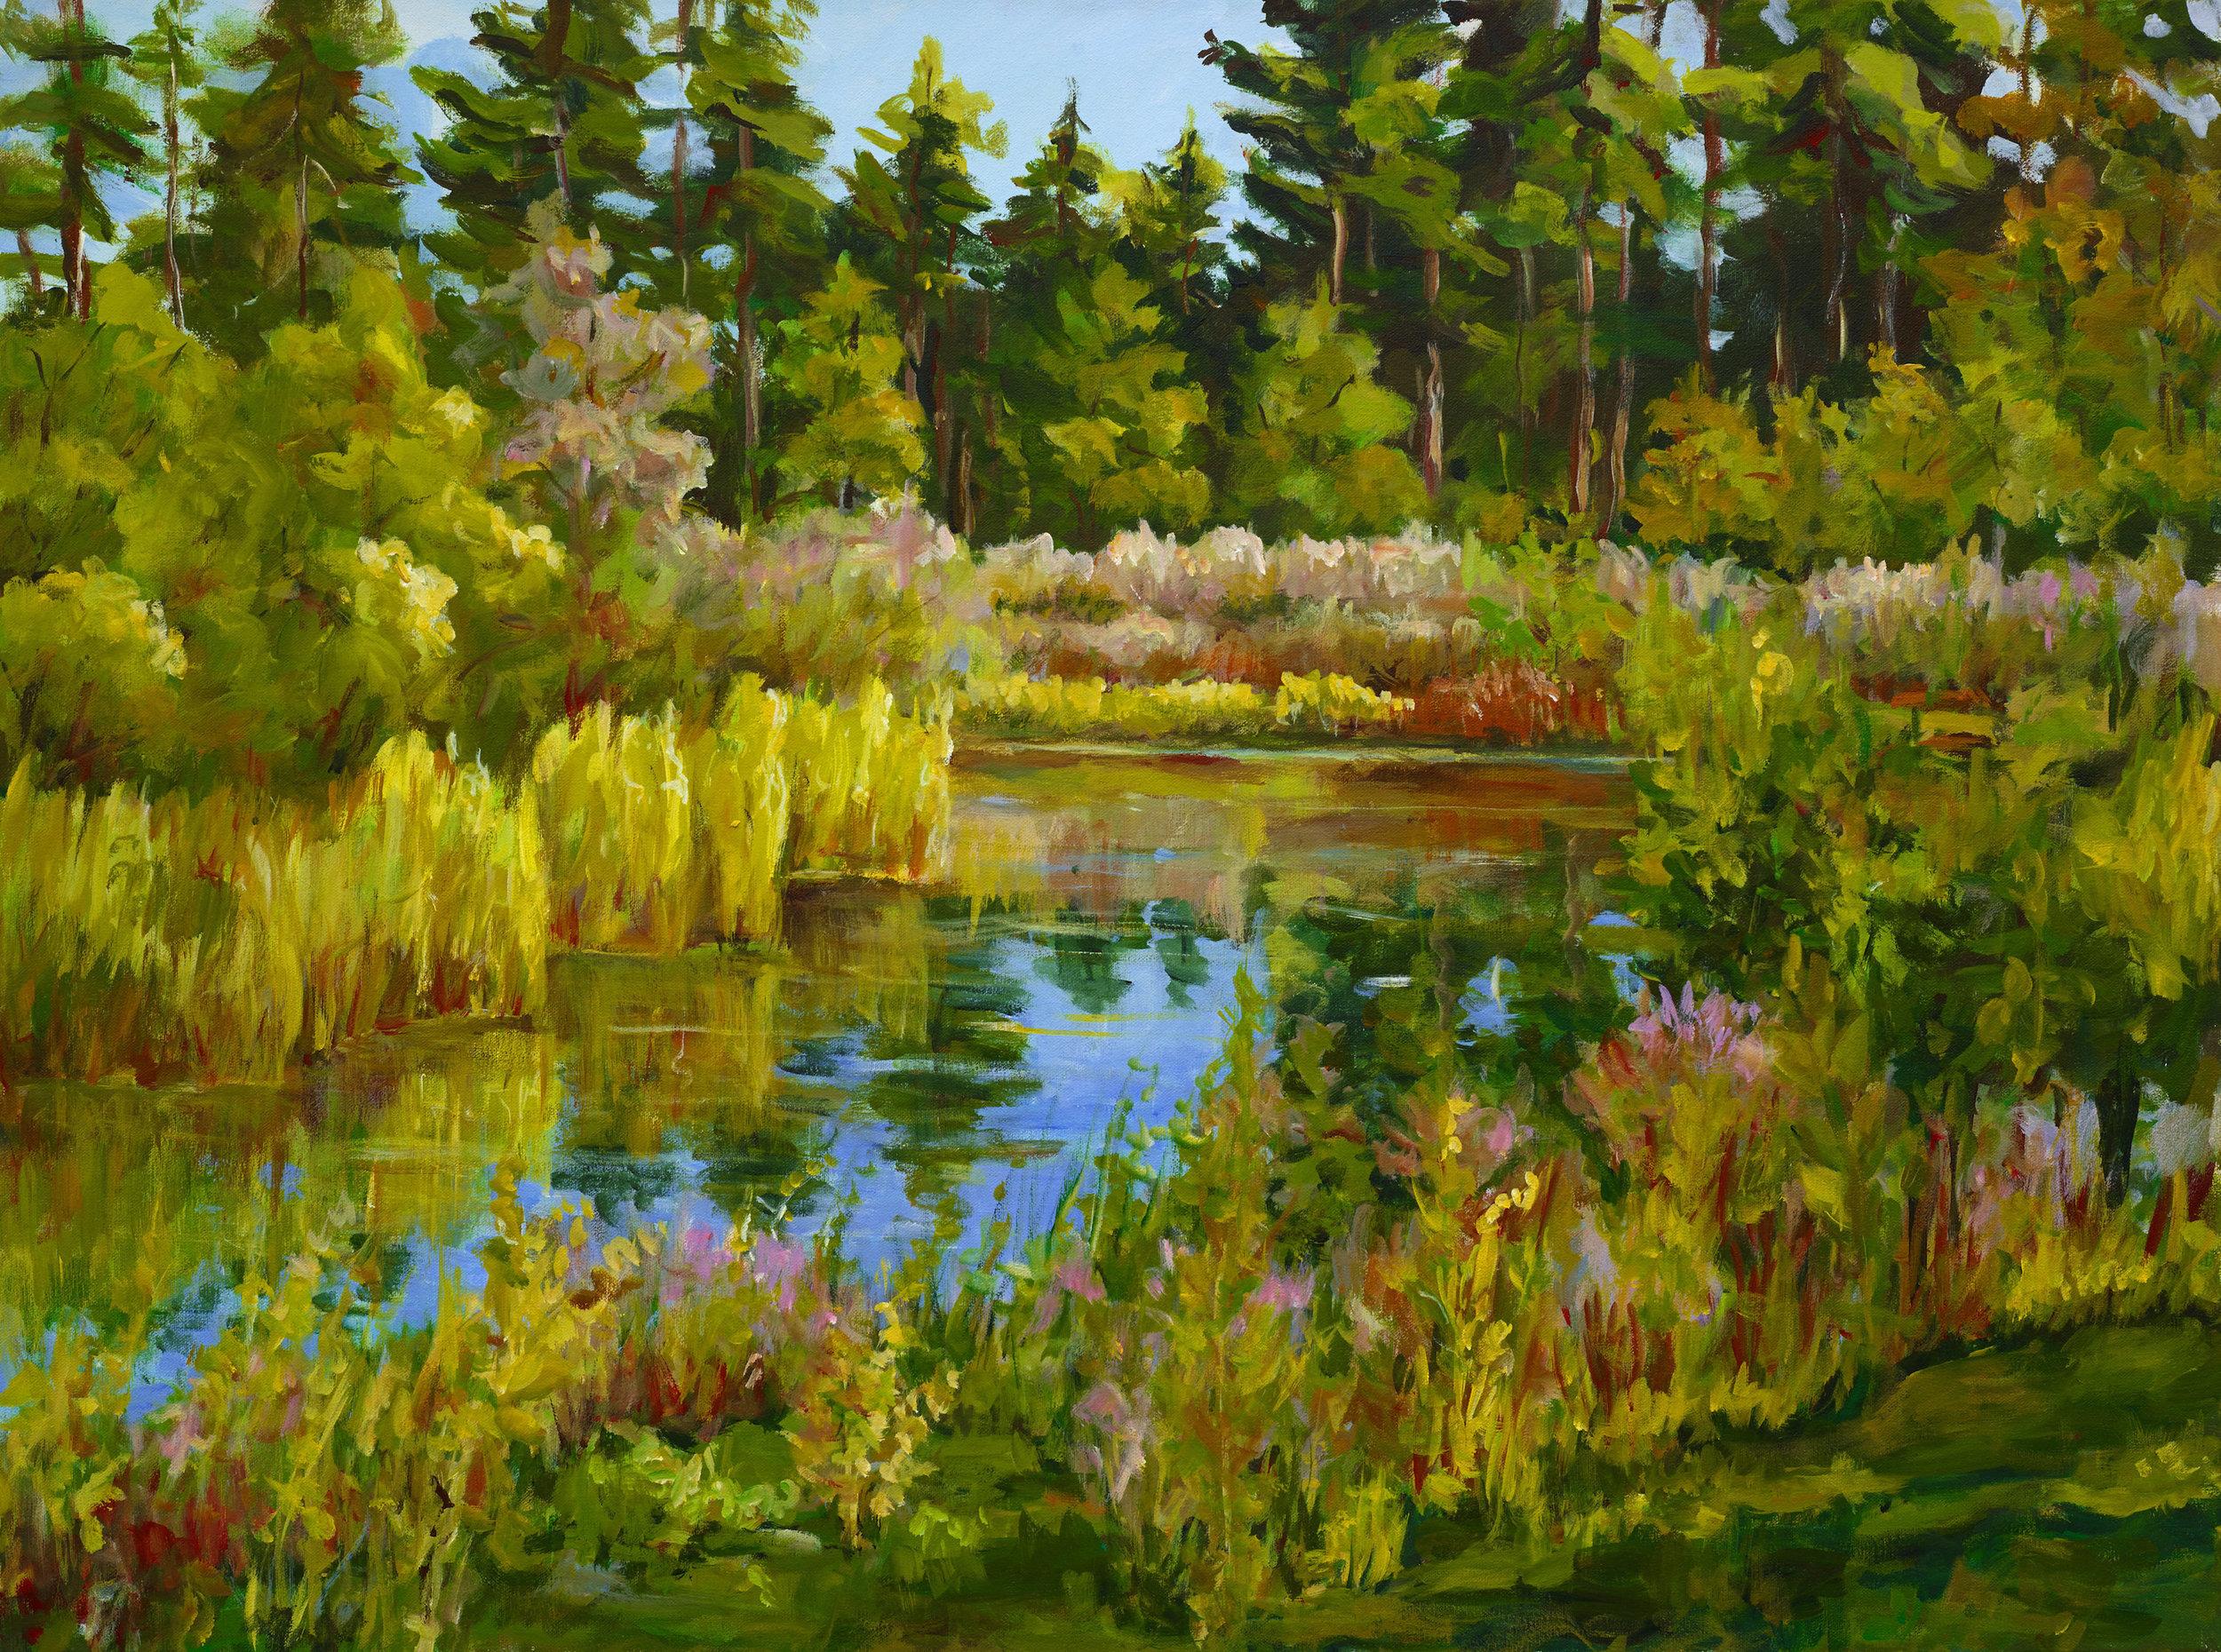 Ingrid Neuhofer Dohm Quintus Gallery